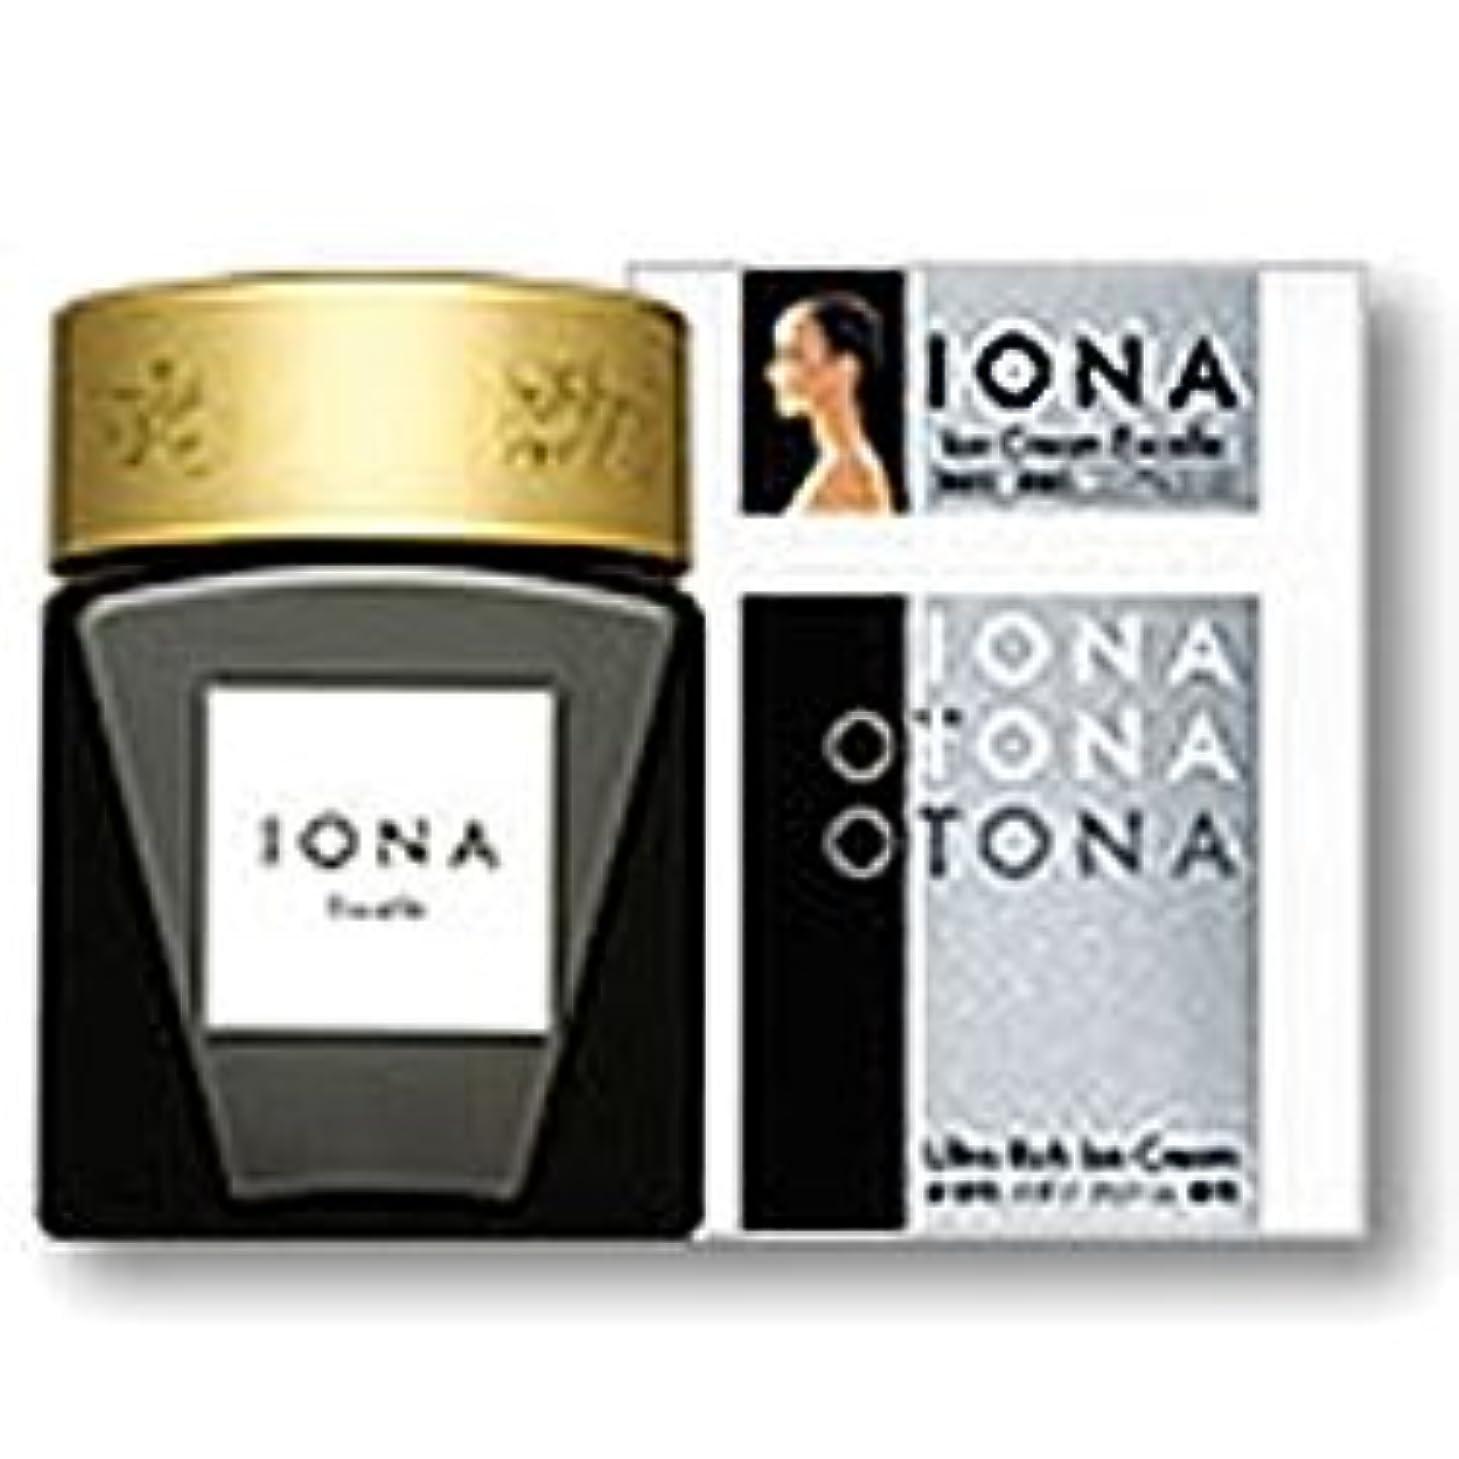 アルカトラズ島論理的疑い【イオナ】イオナ イオンクリーム エクセル 54g ×3個セット